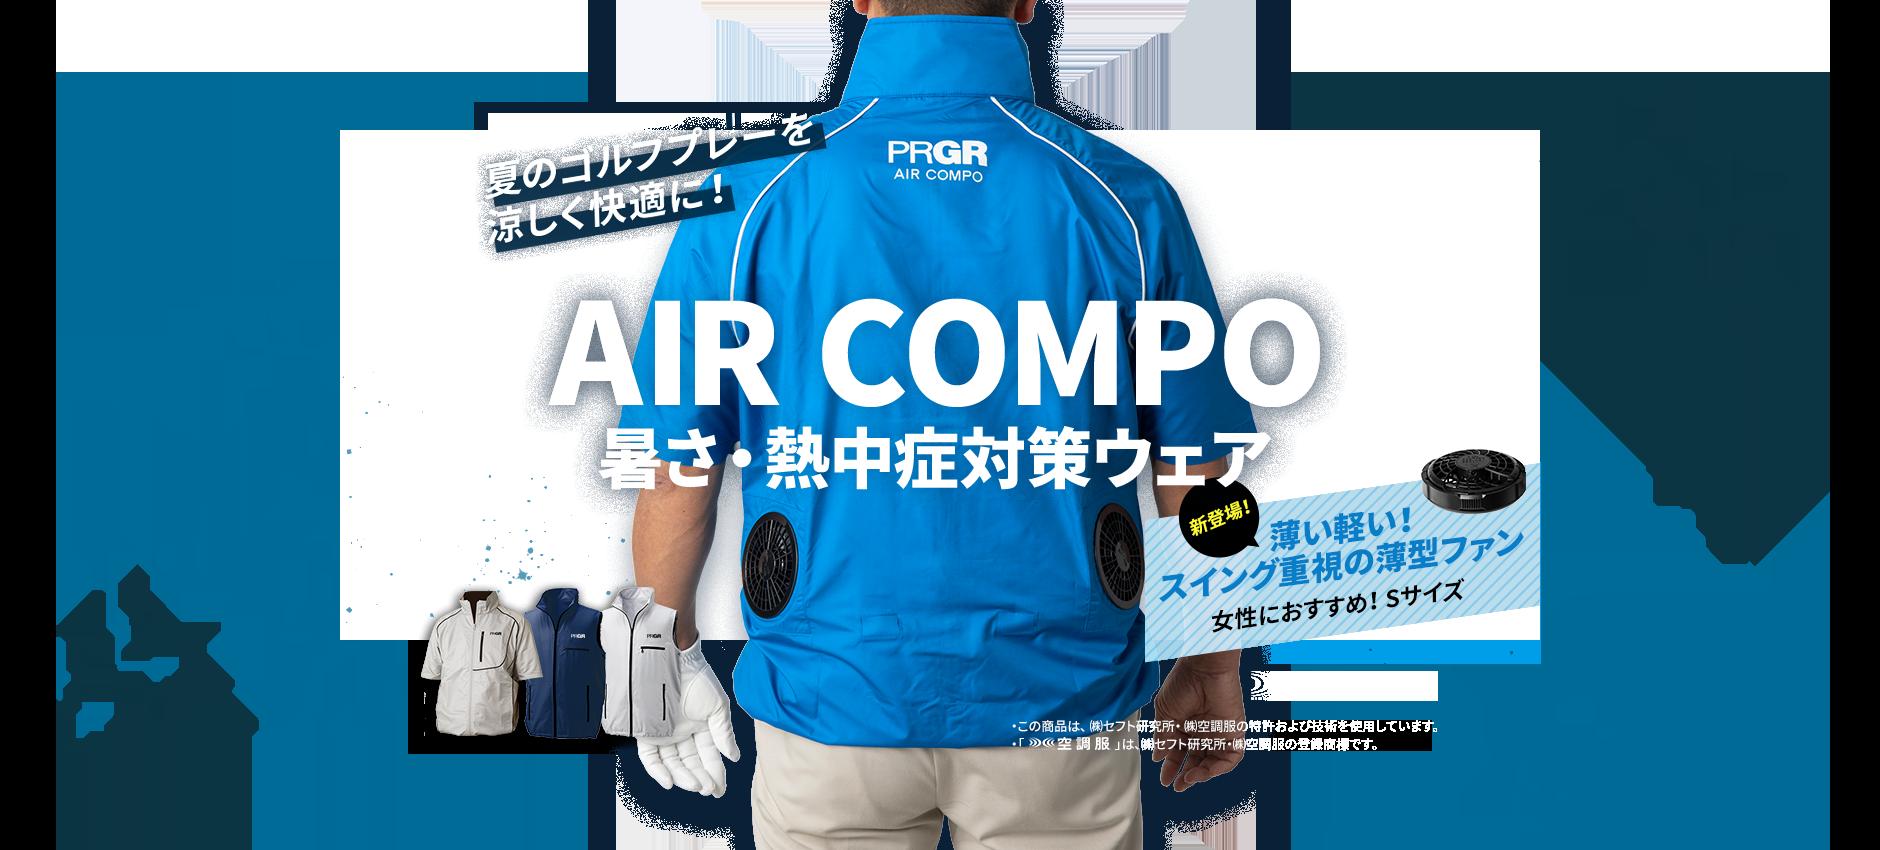 AIR COMPO 暑さ対策ウェア新登場!